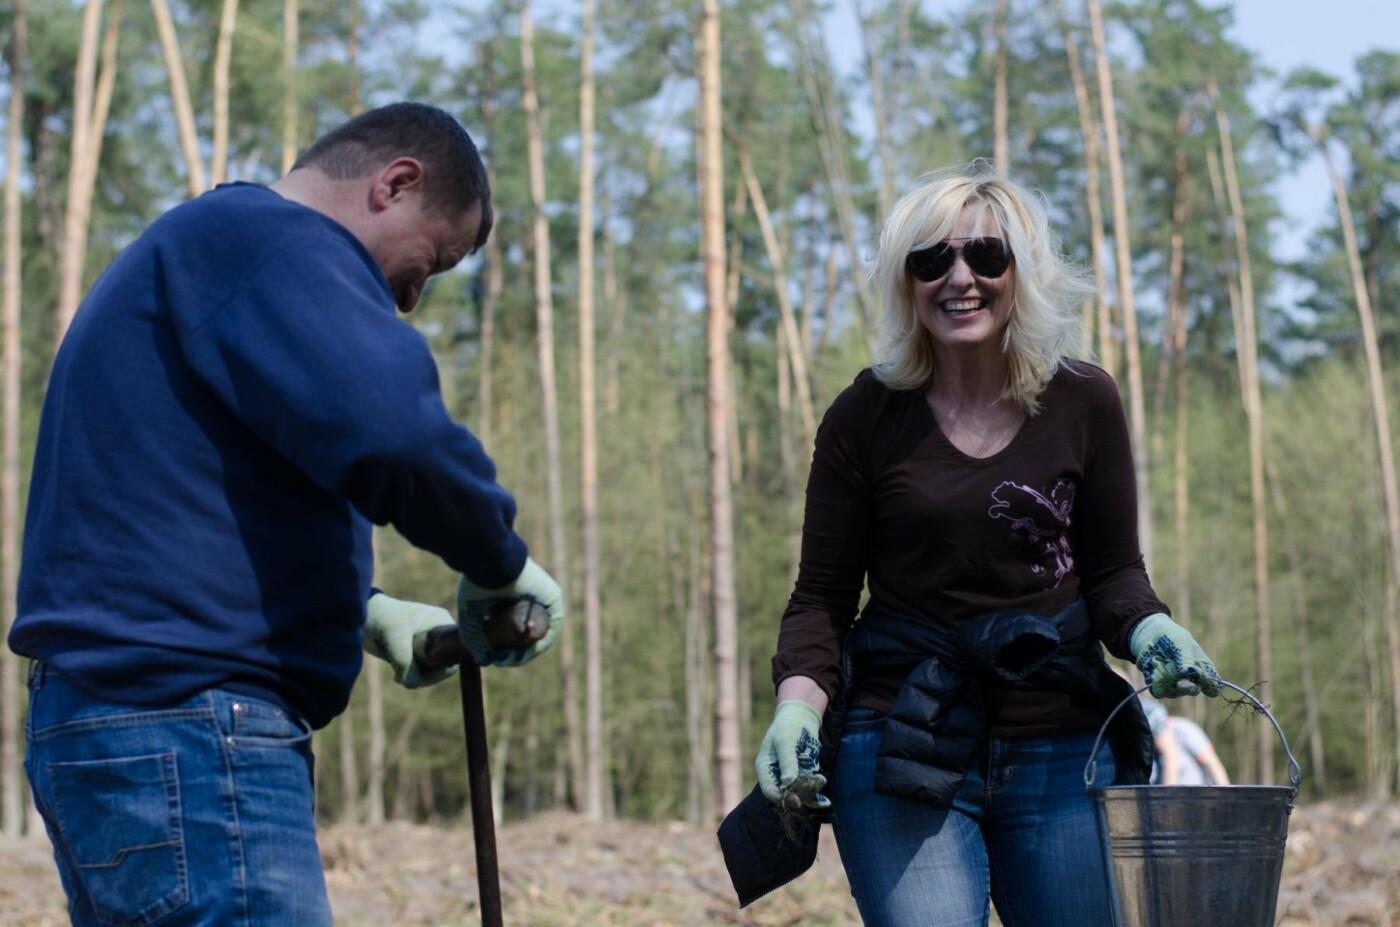 Степан Барна: Дуже важливо, щоб ми приклали всіх зусиль, щоб відновити лісовий фонд Тернопільської області (фото, відео), фото-2